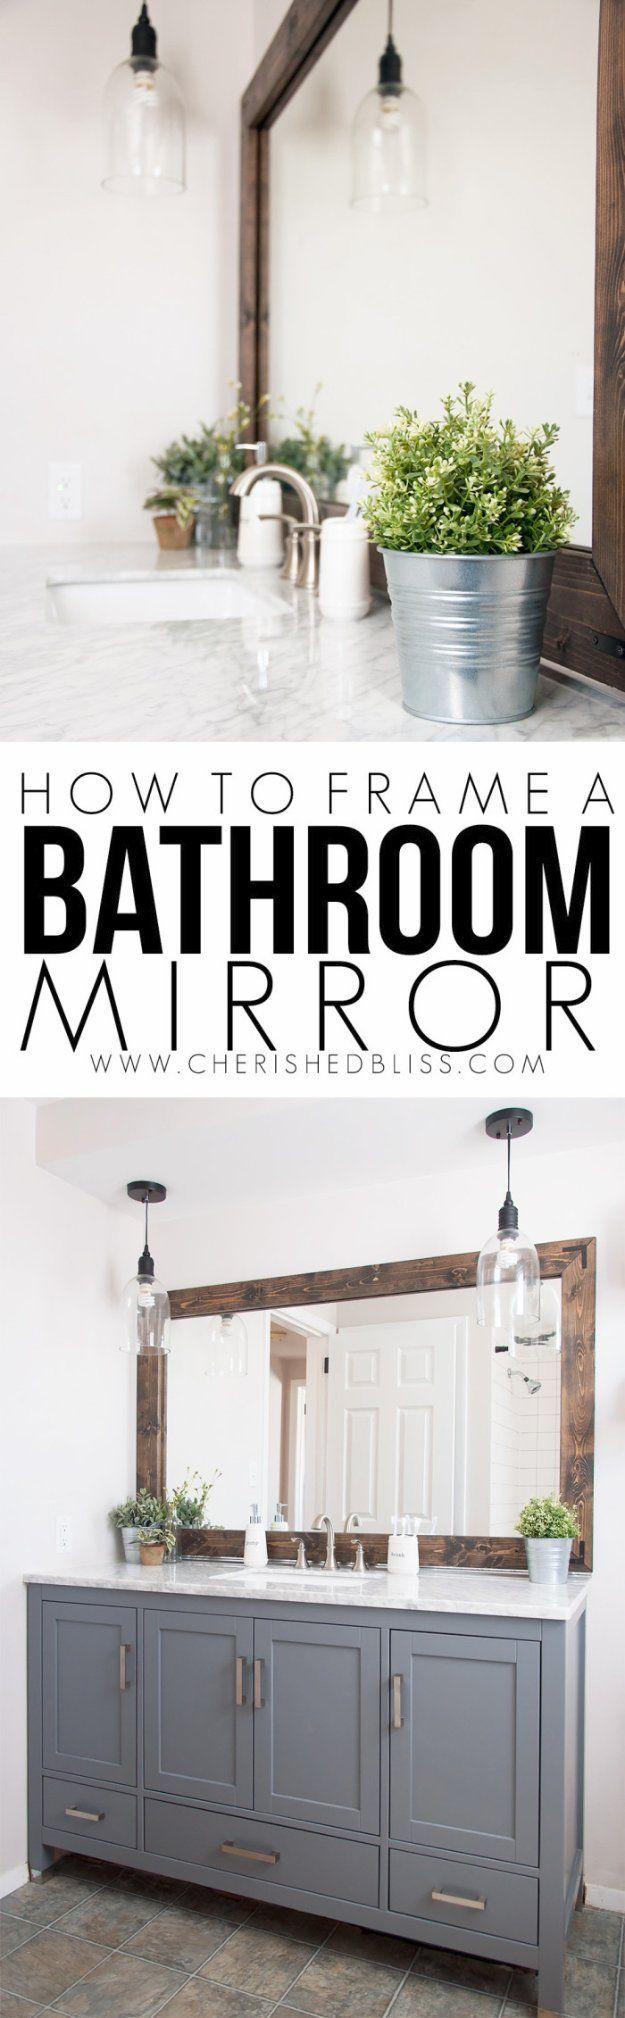 Photo of 31 DIY decor ideas for the bathroom